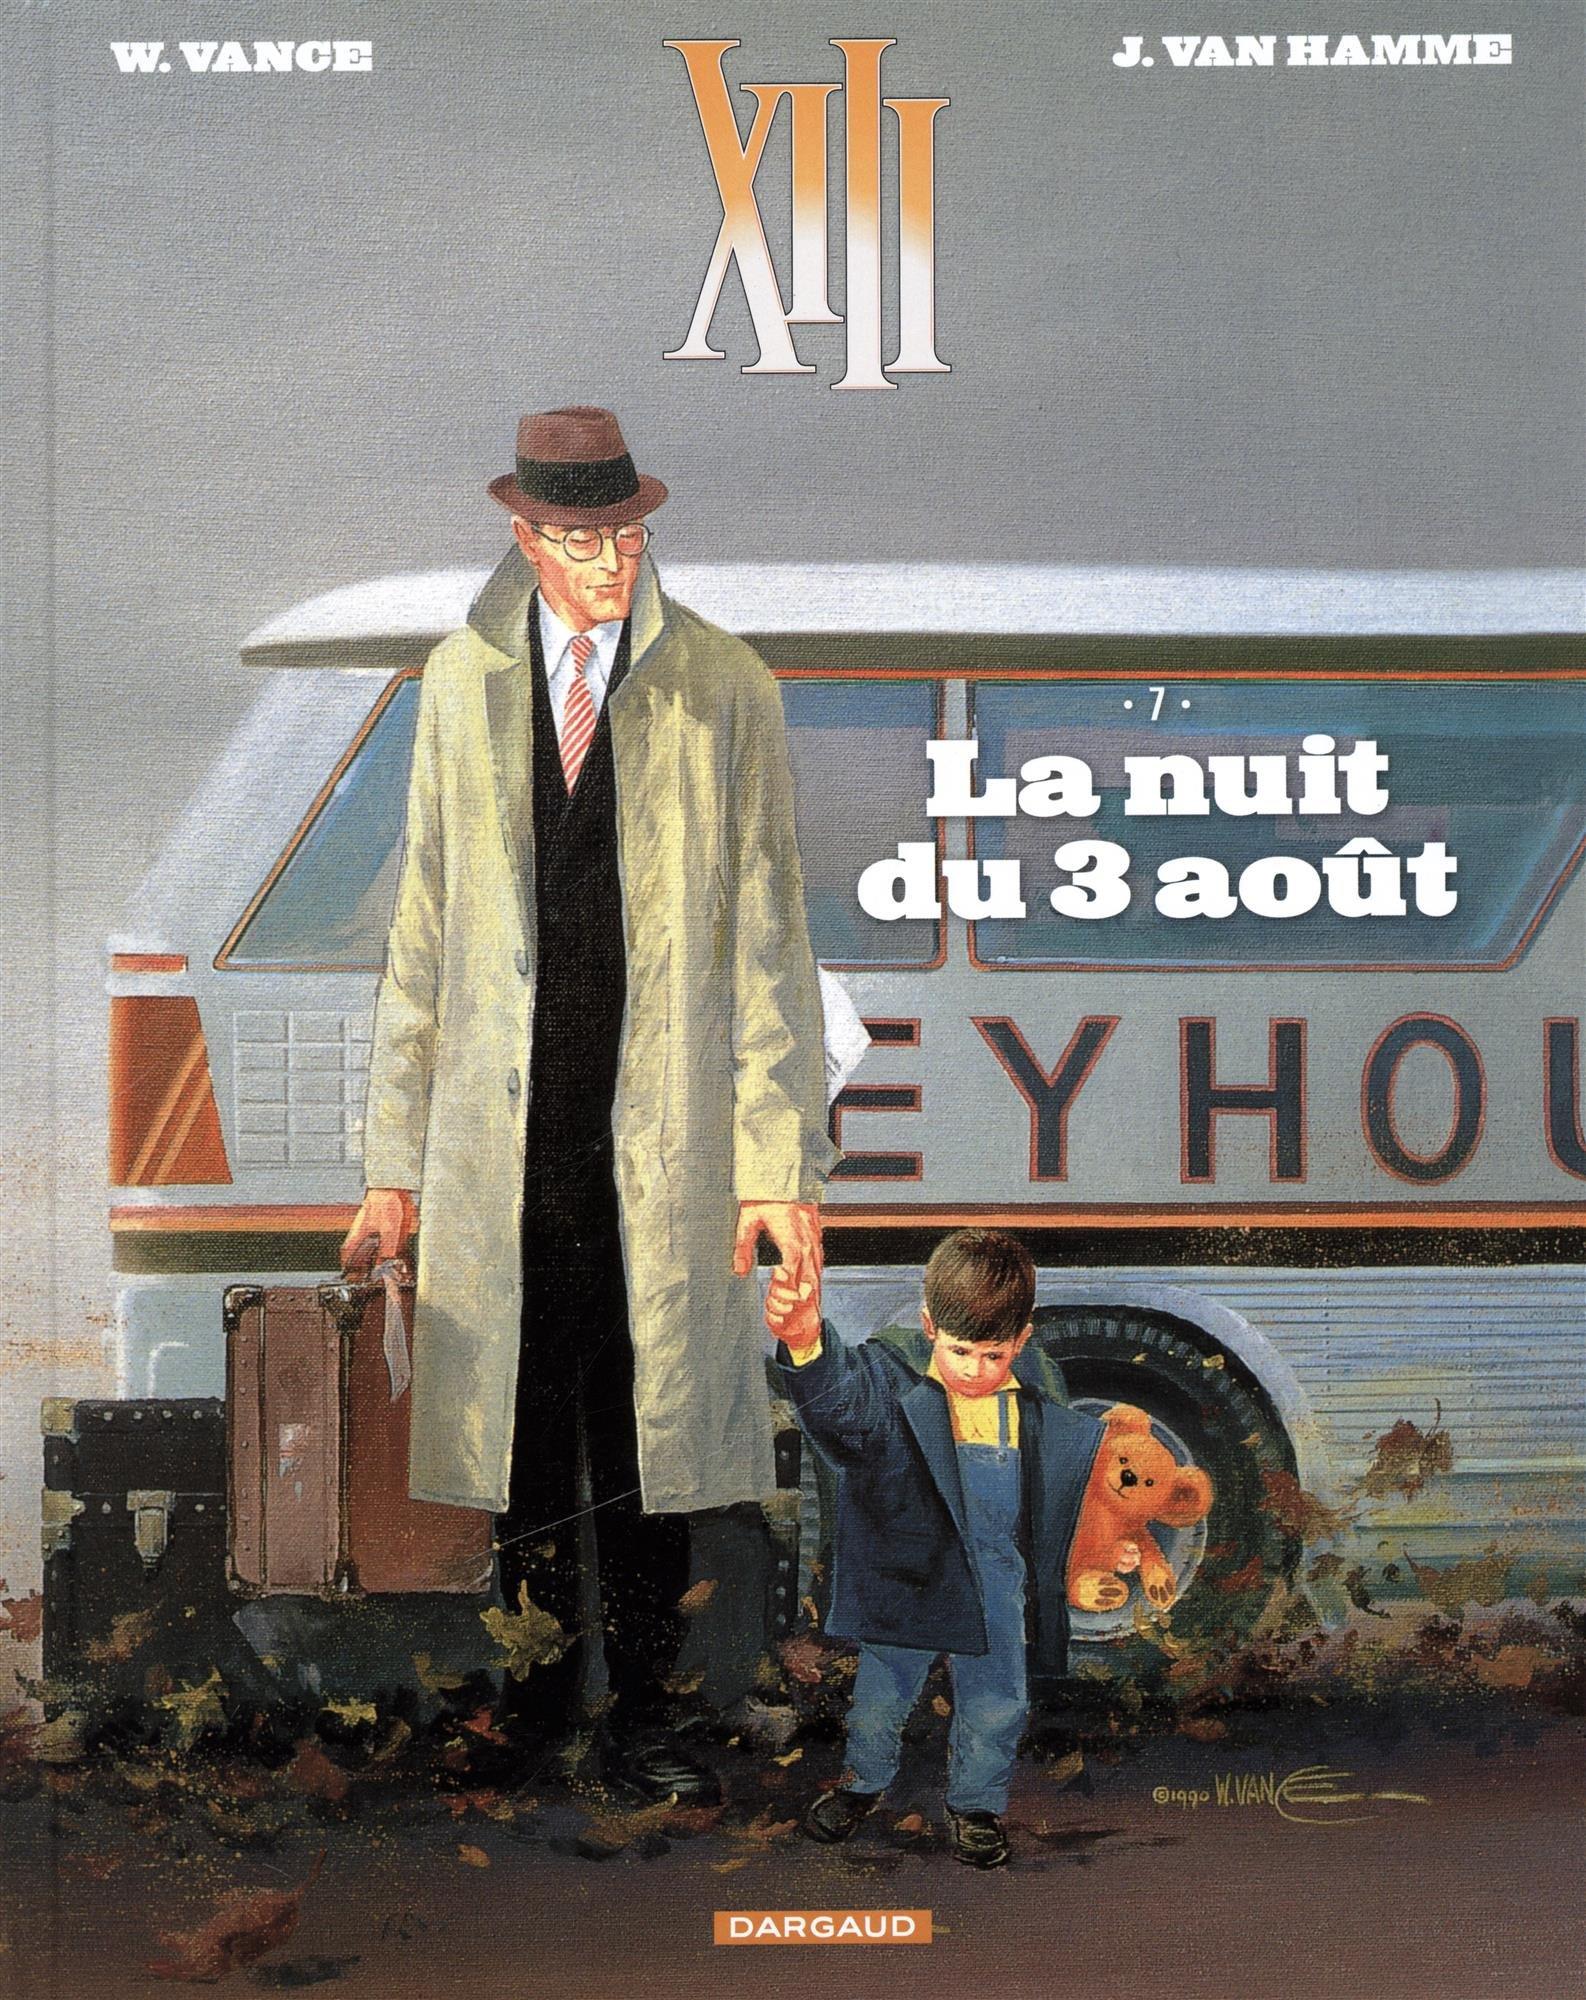 XIII - Nouvelle collection - tome 7 - La nuit du 3 août Album – 13 octobre 2017 Van Hamme Jean Vance Dargaud 2505068070